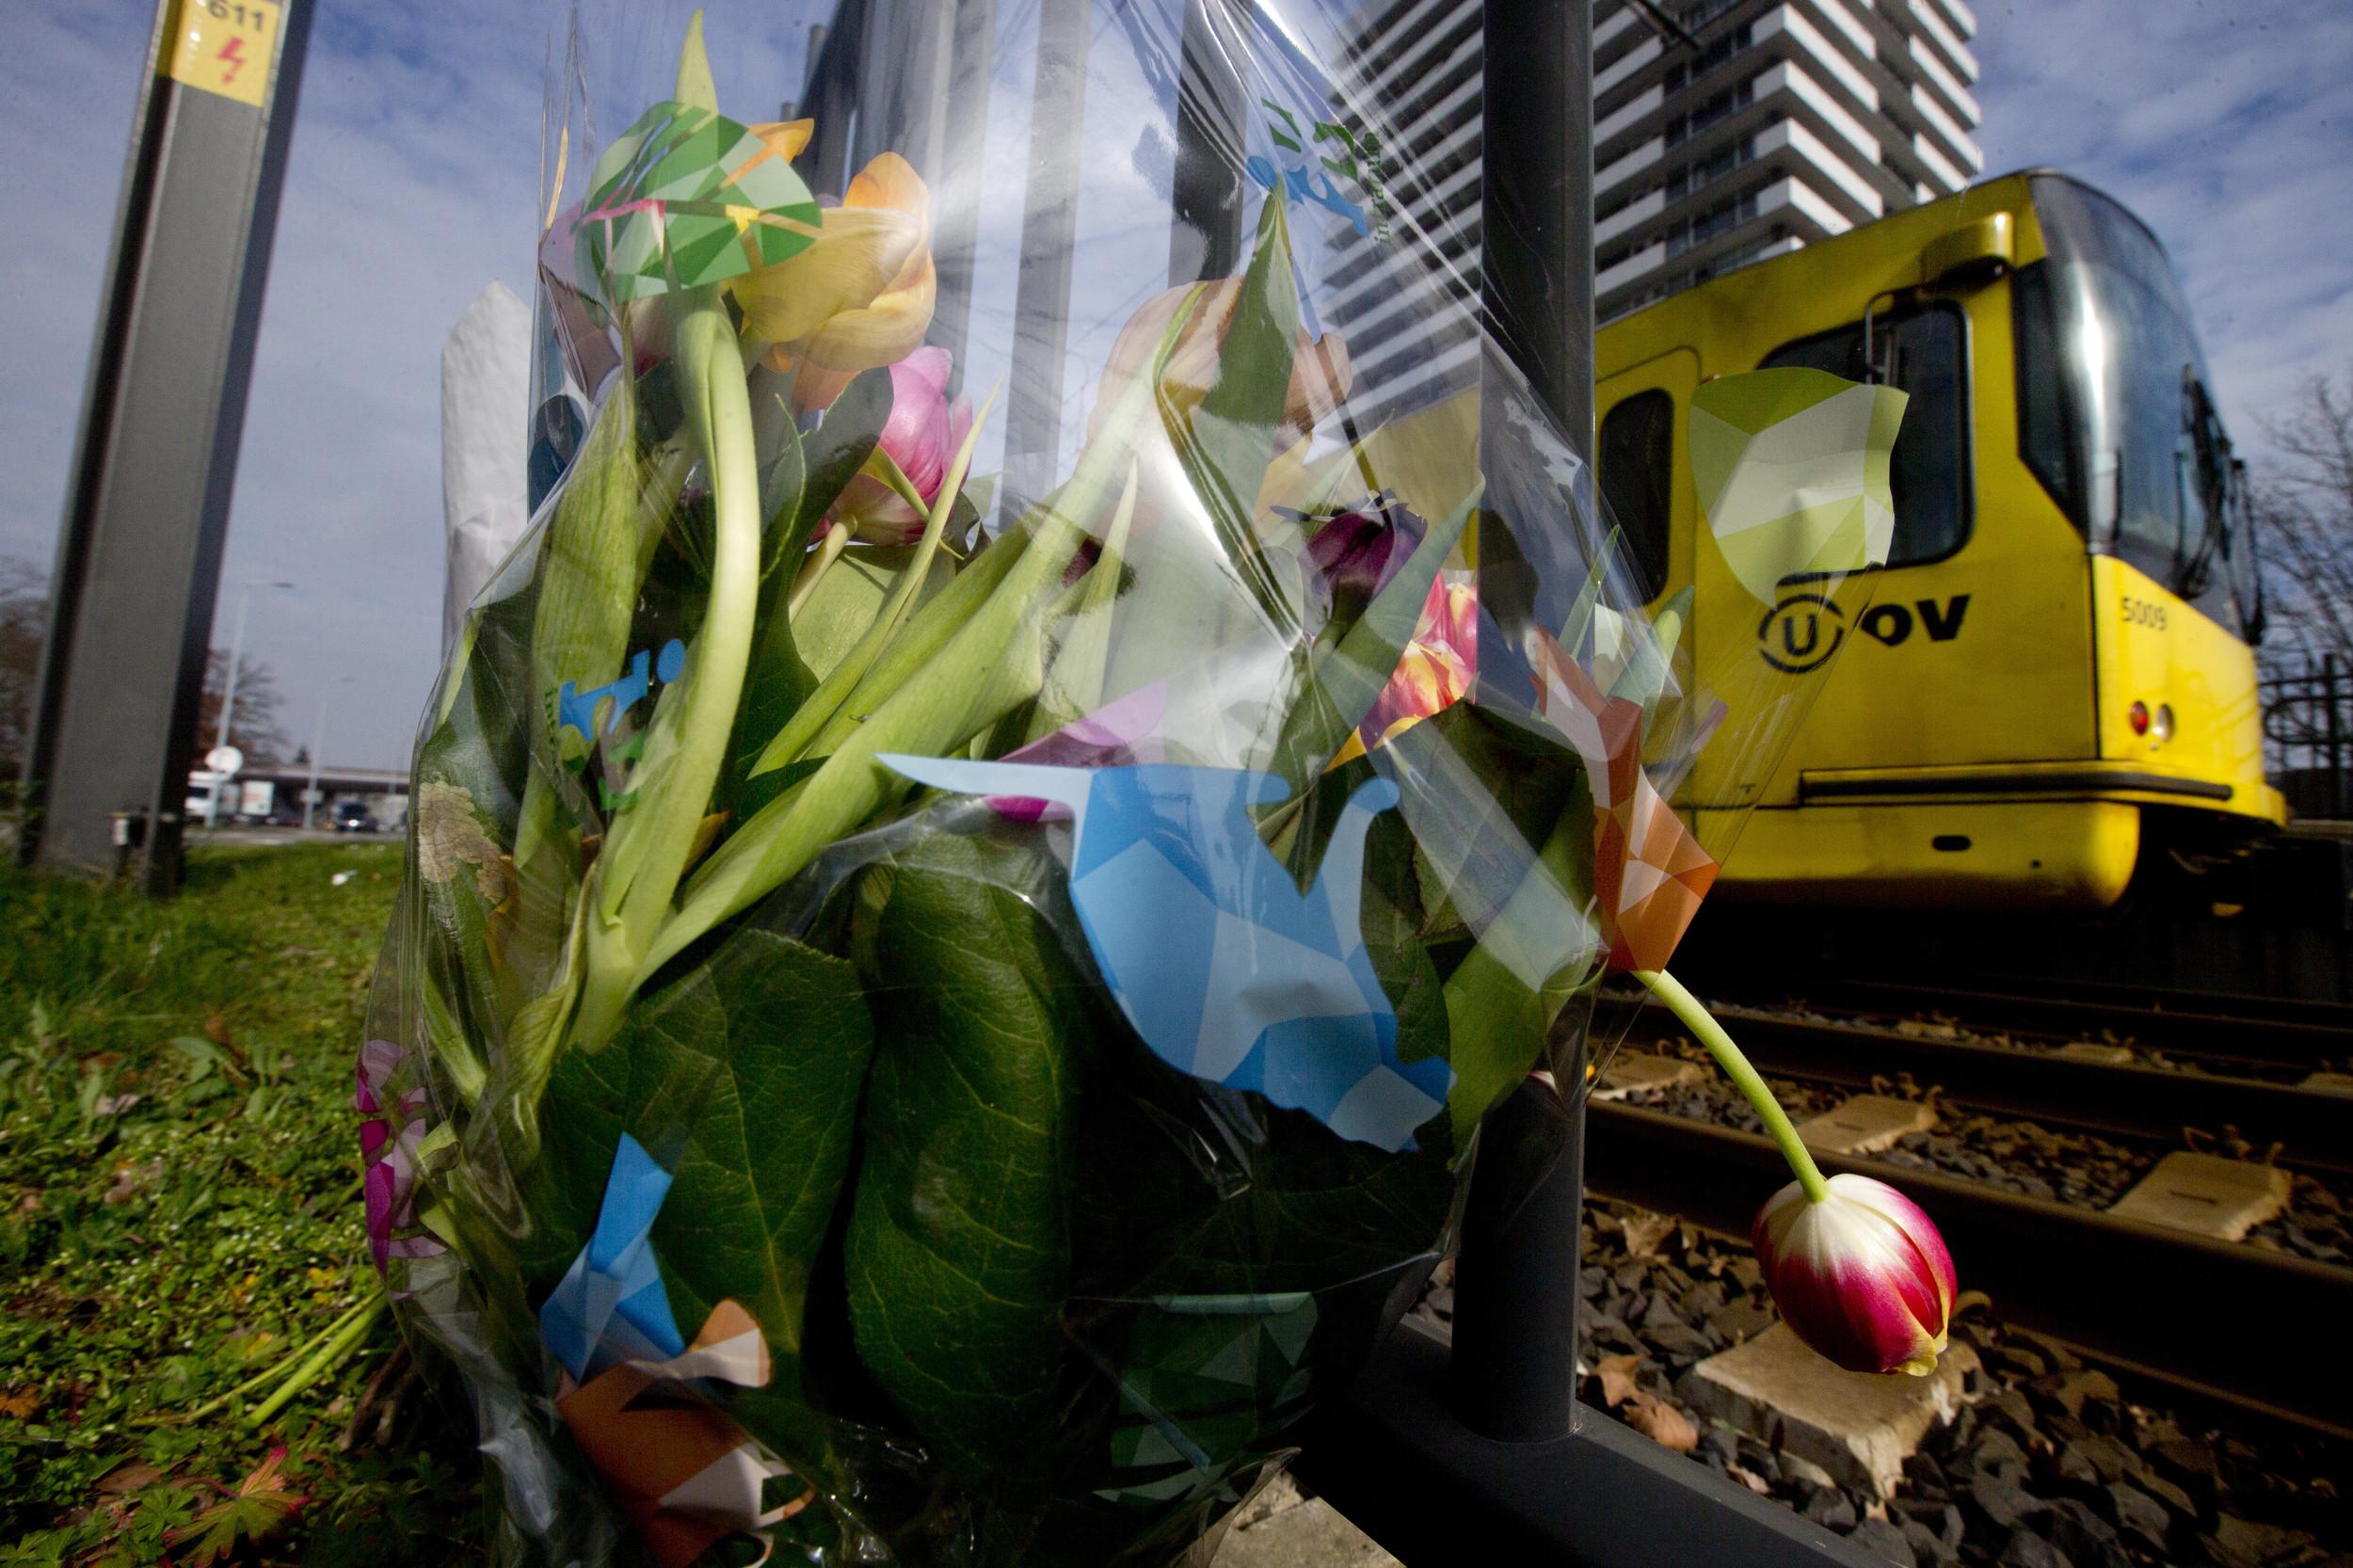 Dutch Prosecutors Seek Life Term for Alleged Tram Shooter